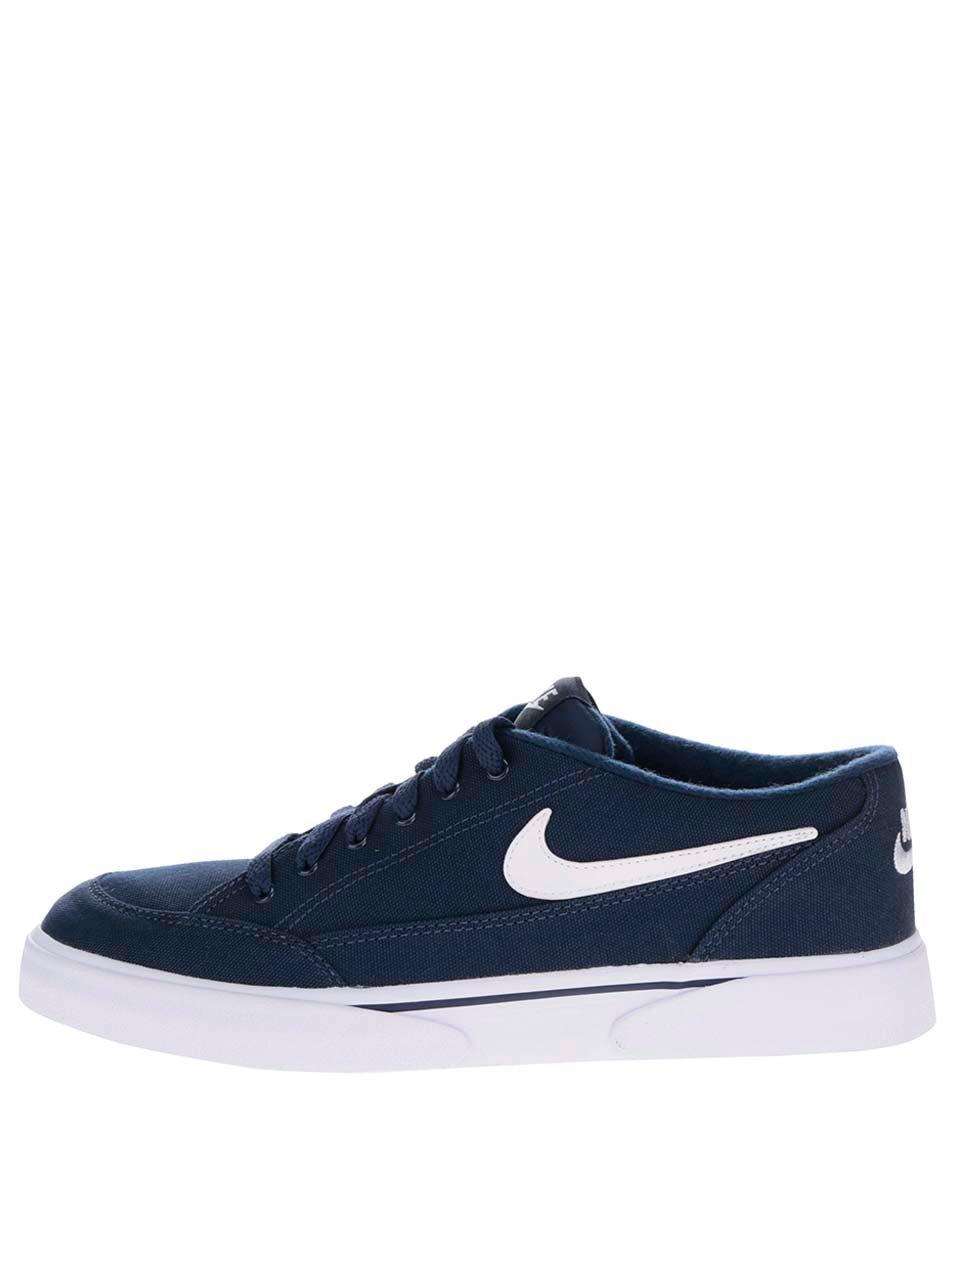 Modré pánské tenisky Nike GTS 16